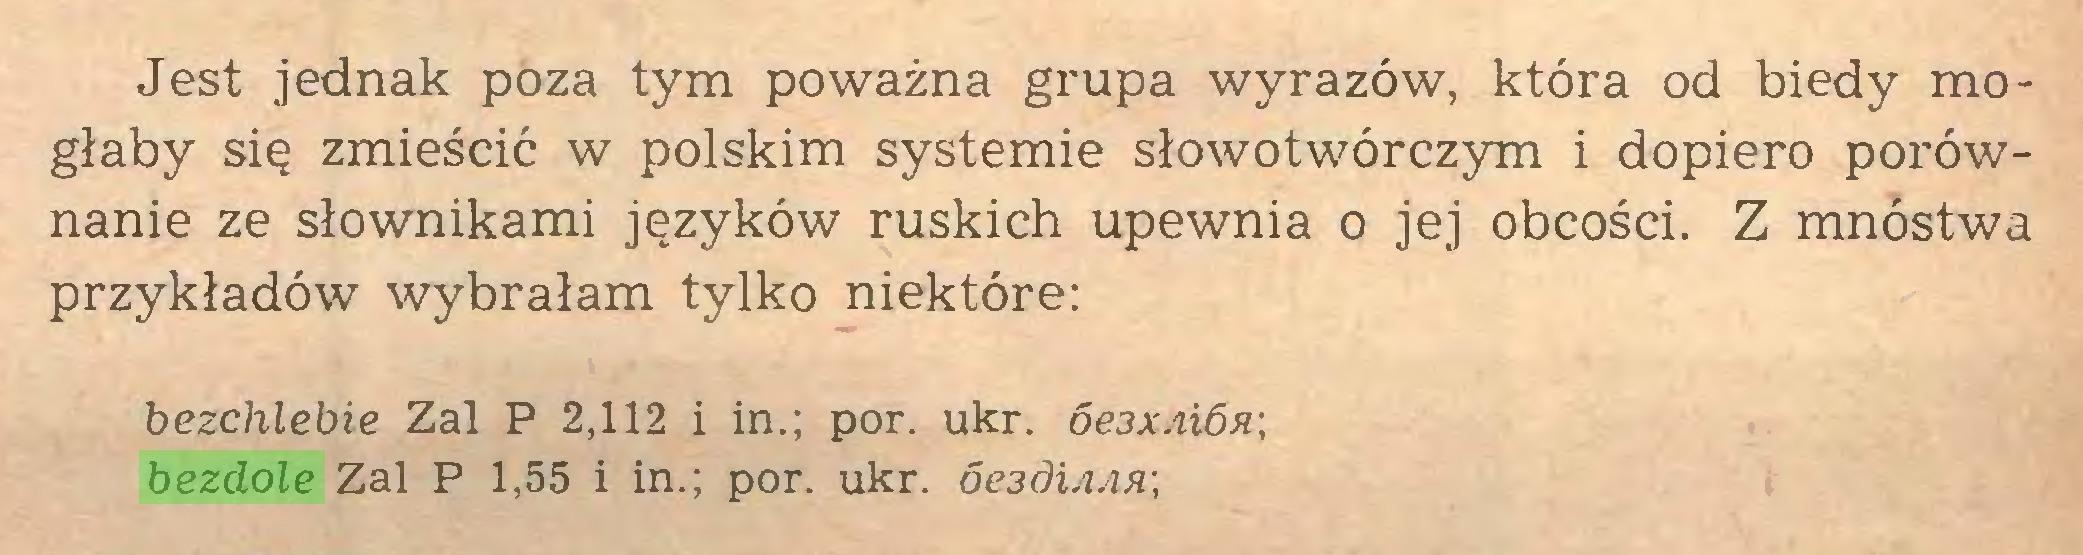 (...) Jest jednak poza tym poważna grupa wyrazów, która od biedy mogłaby się zmieścić w polskim systemie słowotwórczym i dopiero porównanie ze słownikami języków ruskich upewnia o jej obcości. Z mnóstwa przykładów wybrałam tylko niektóre: bezchlebie Zal P 2,112 i in.; por. ukr. 6e3XAi6fi\ bezdole Zal P 1,55 i in.; por. ukr. óe3d\AAA\...